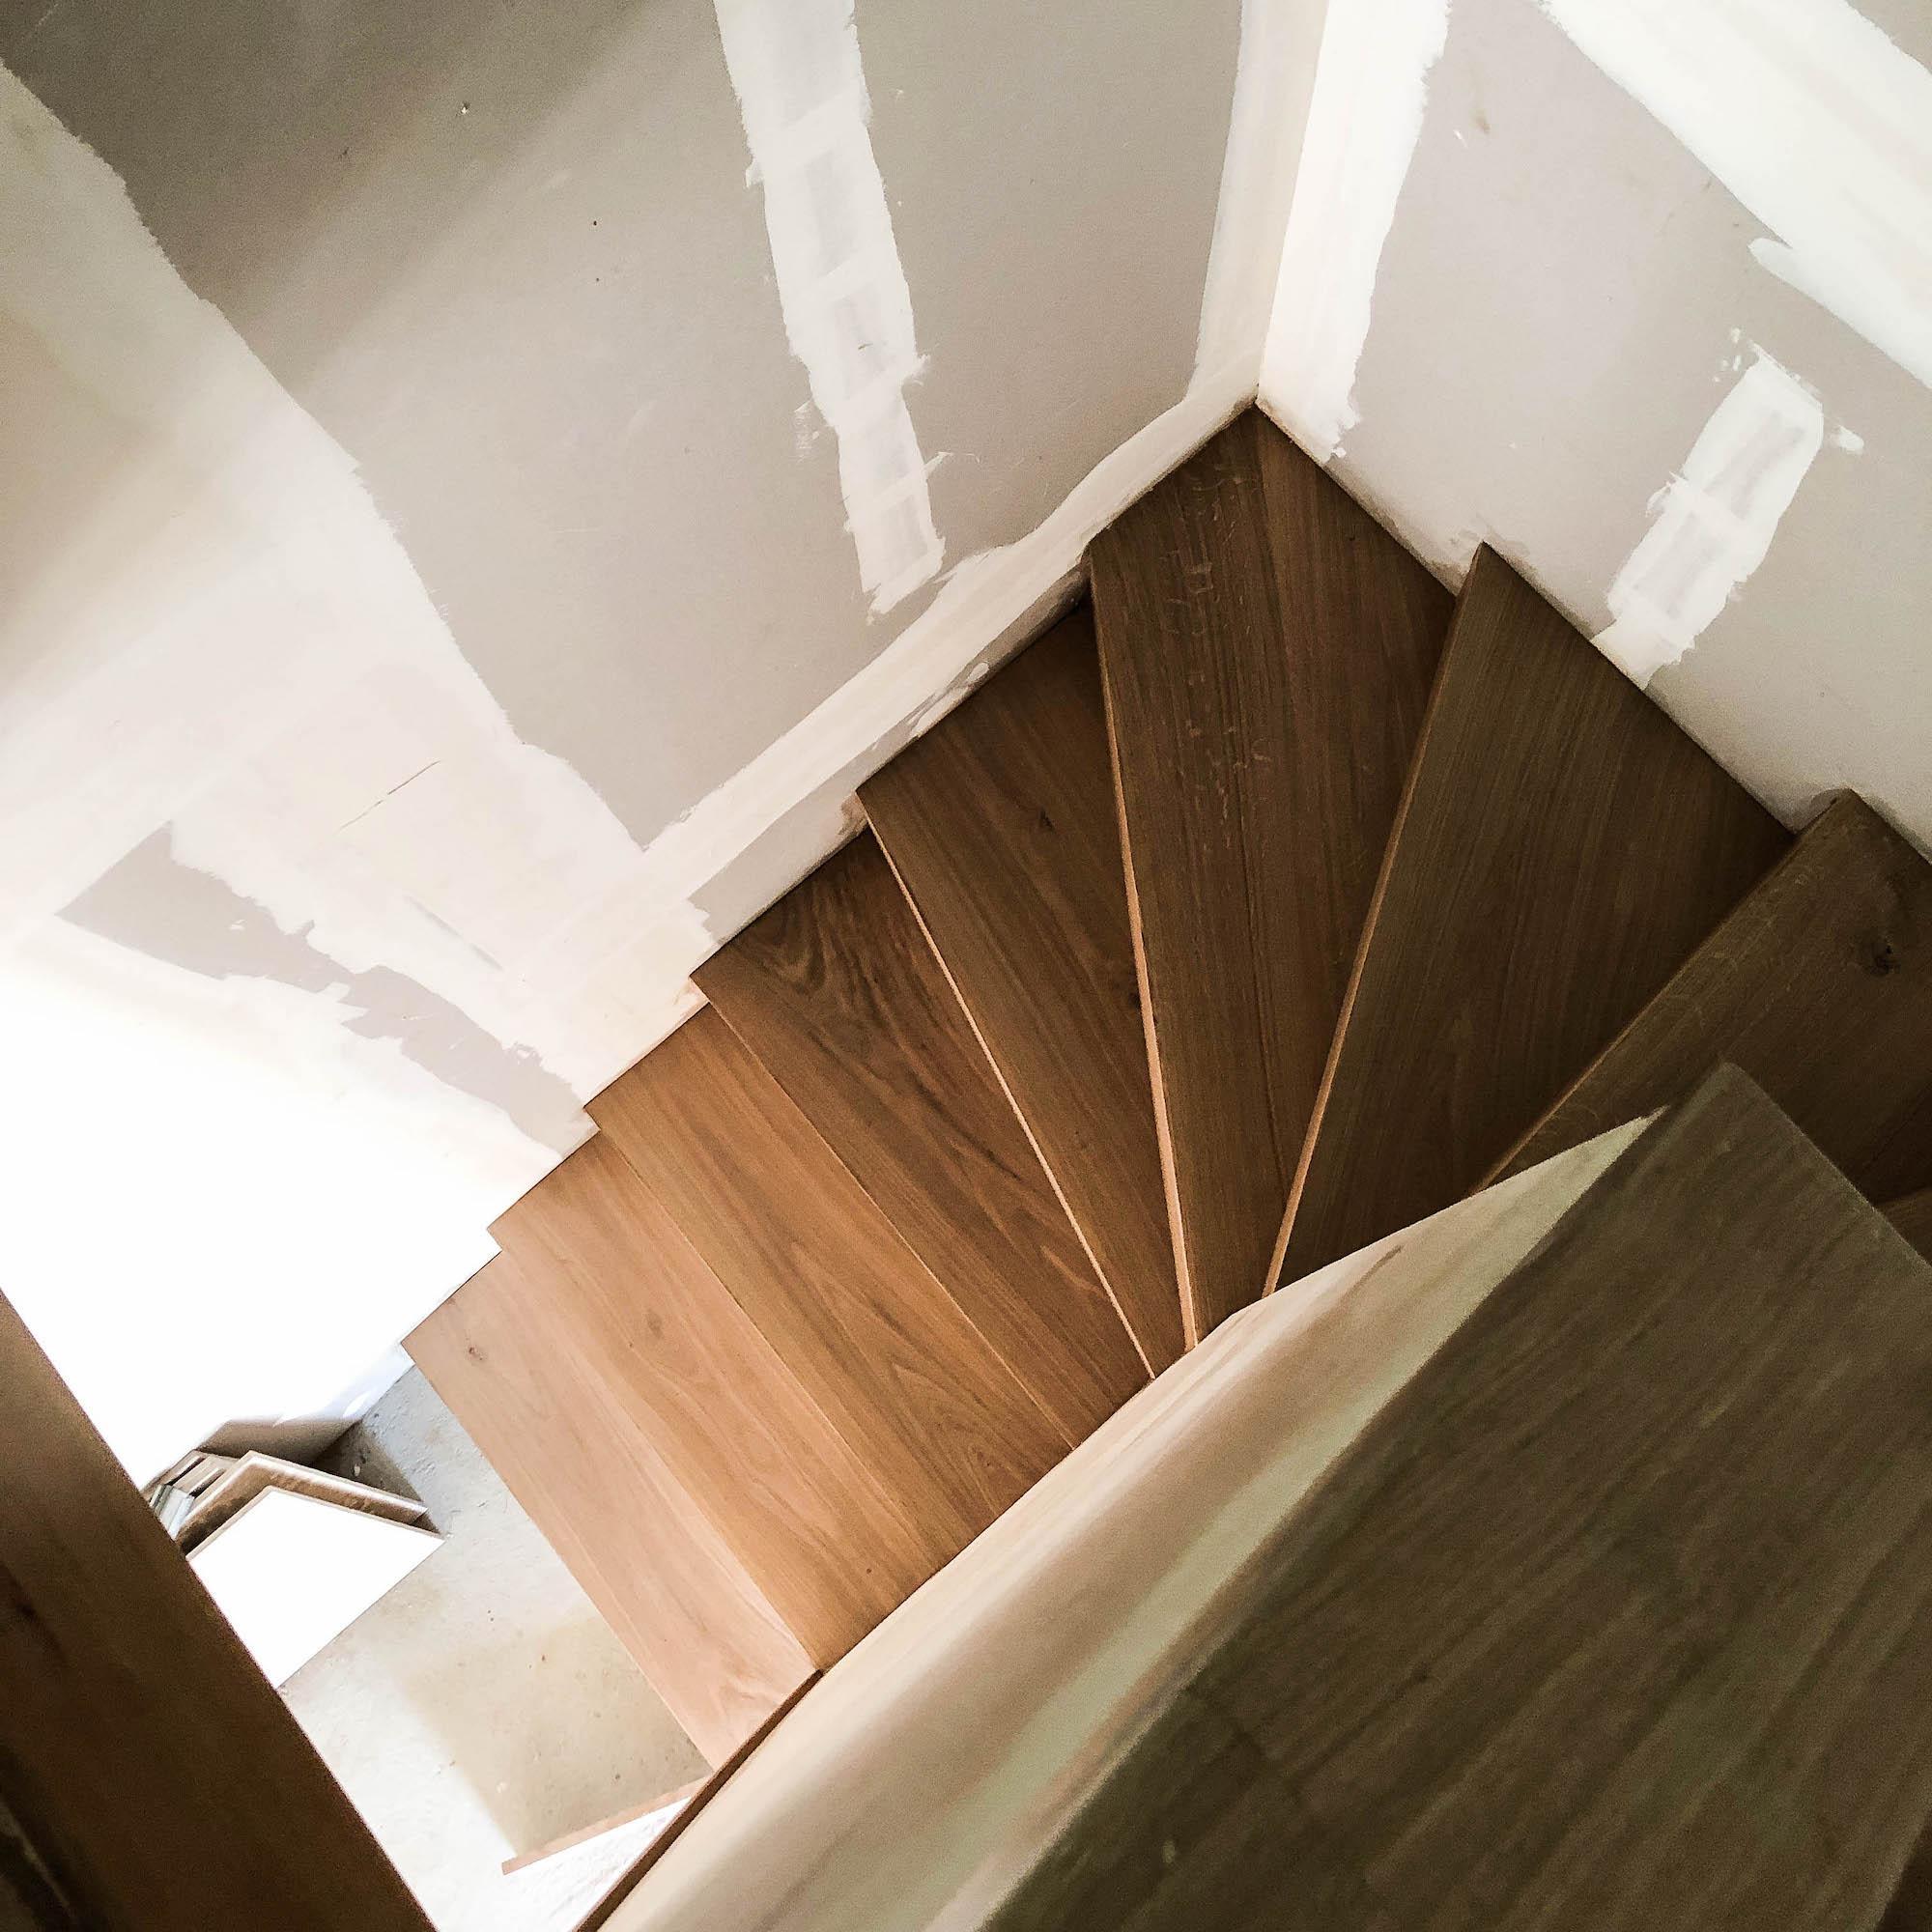 escalier-maison-vu-du-dessus